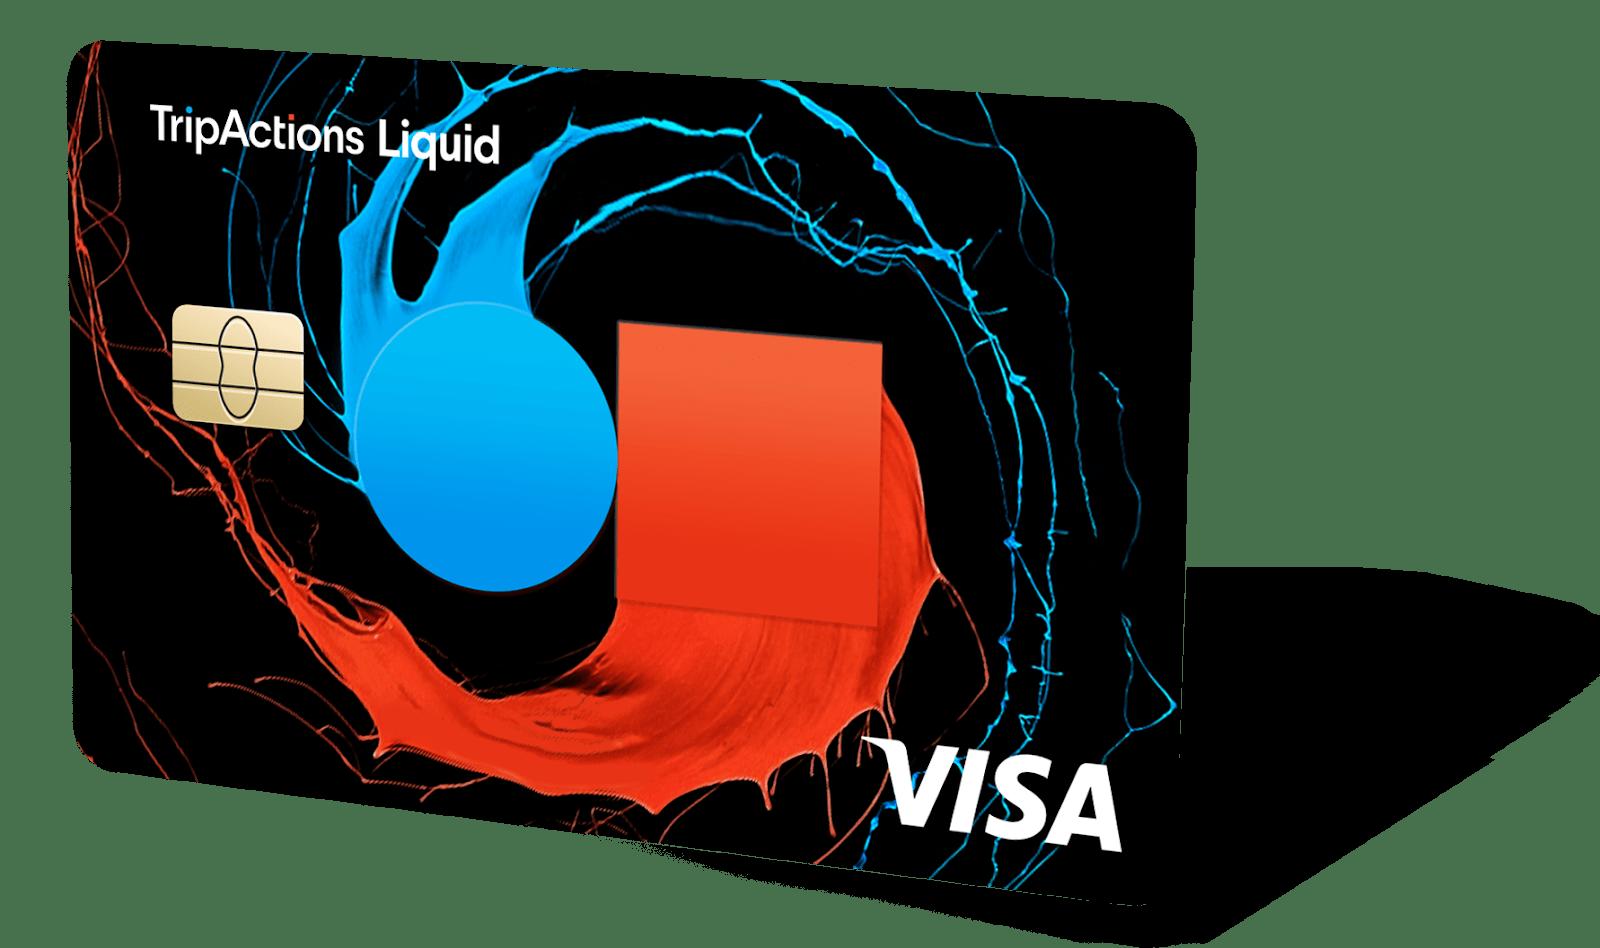 TripActions Liquid Card